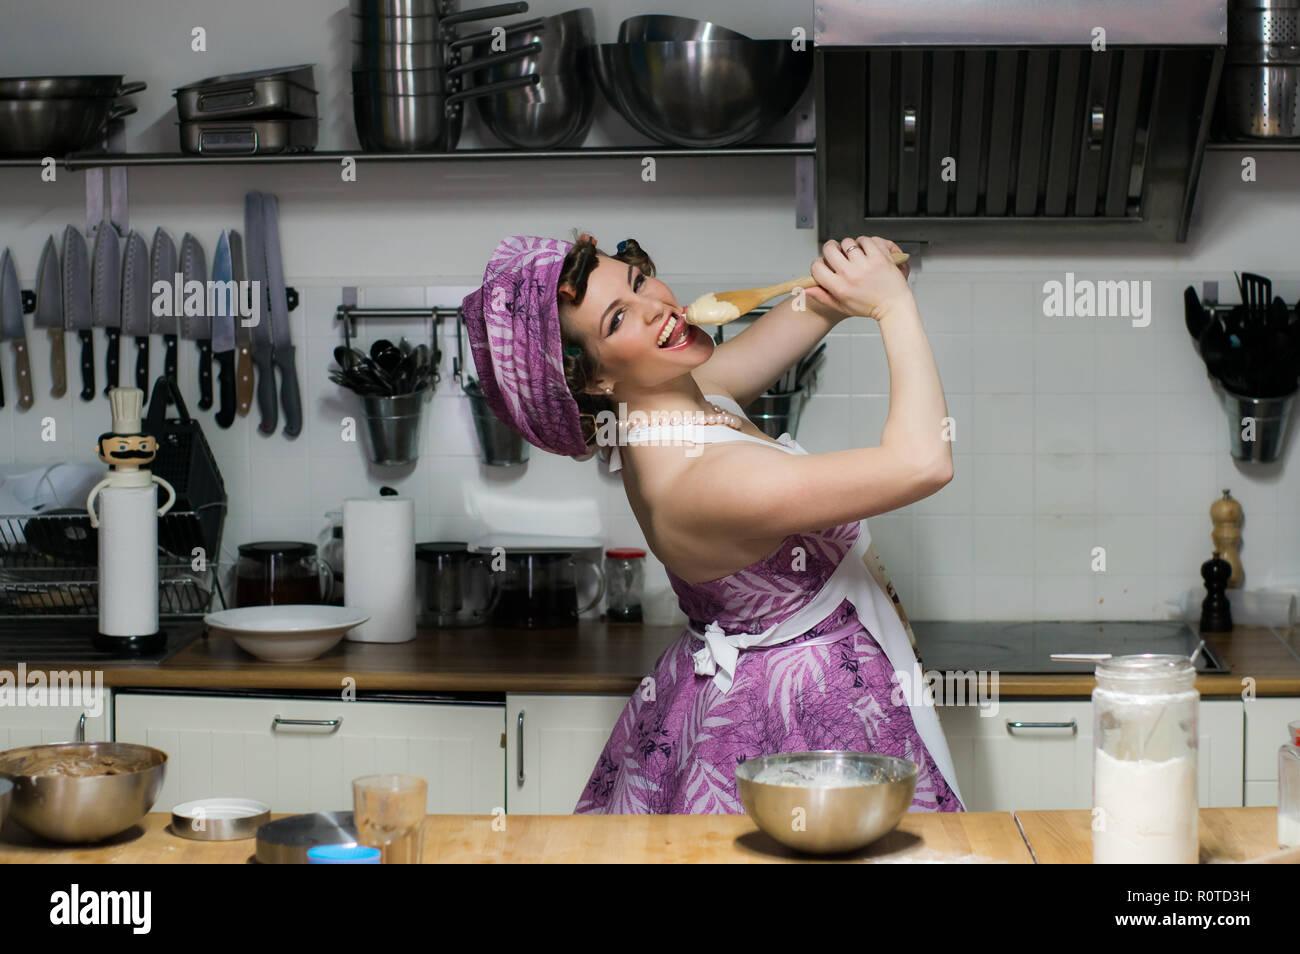 Bella ragazza cuochi in cucina, la crema sul cucchiaio di legno vicino alla bocca, guarda alla fotocamera Immagini Stock